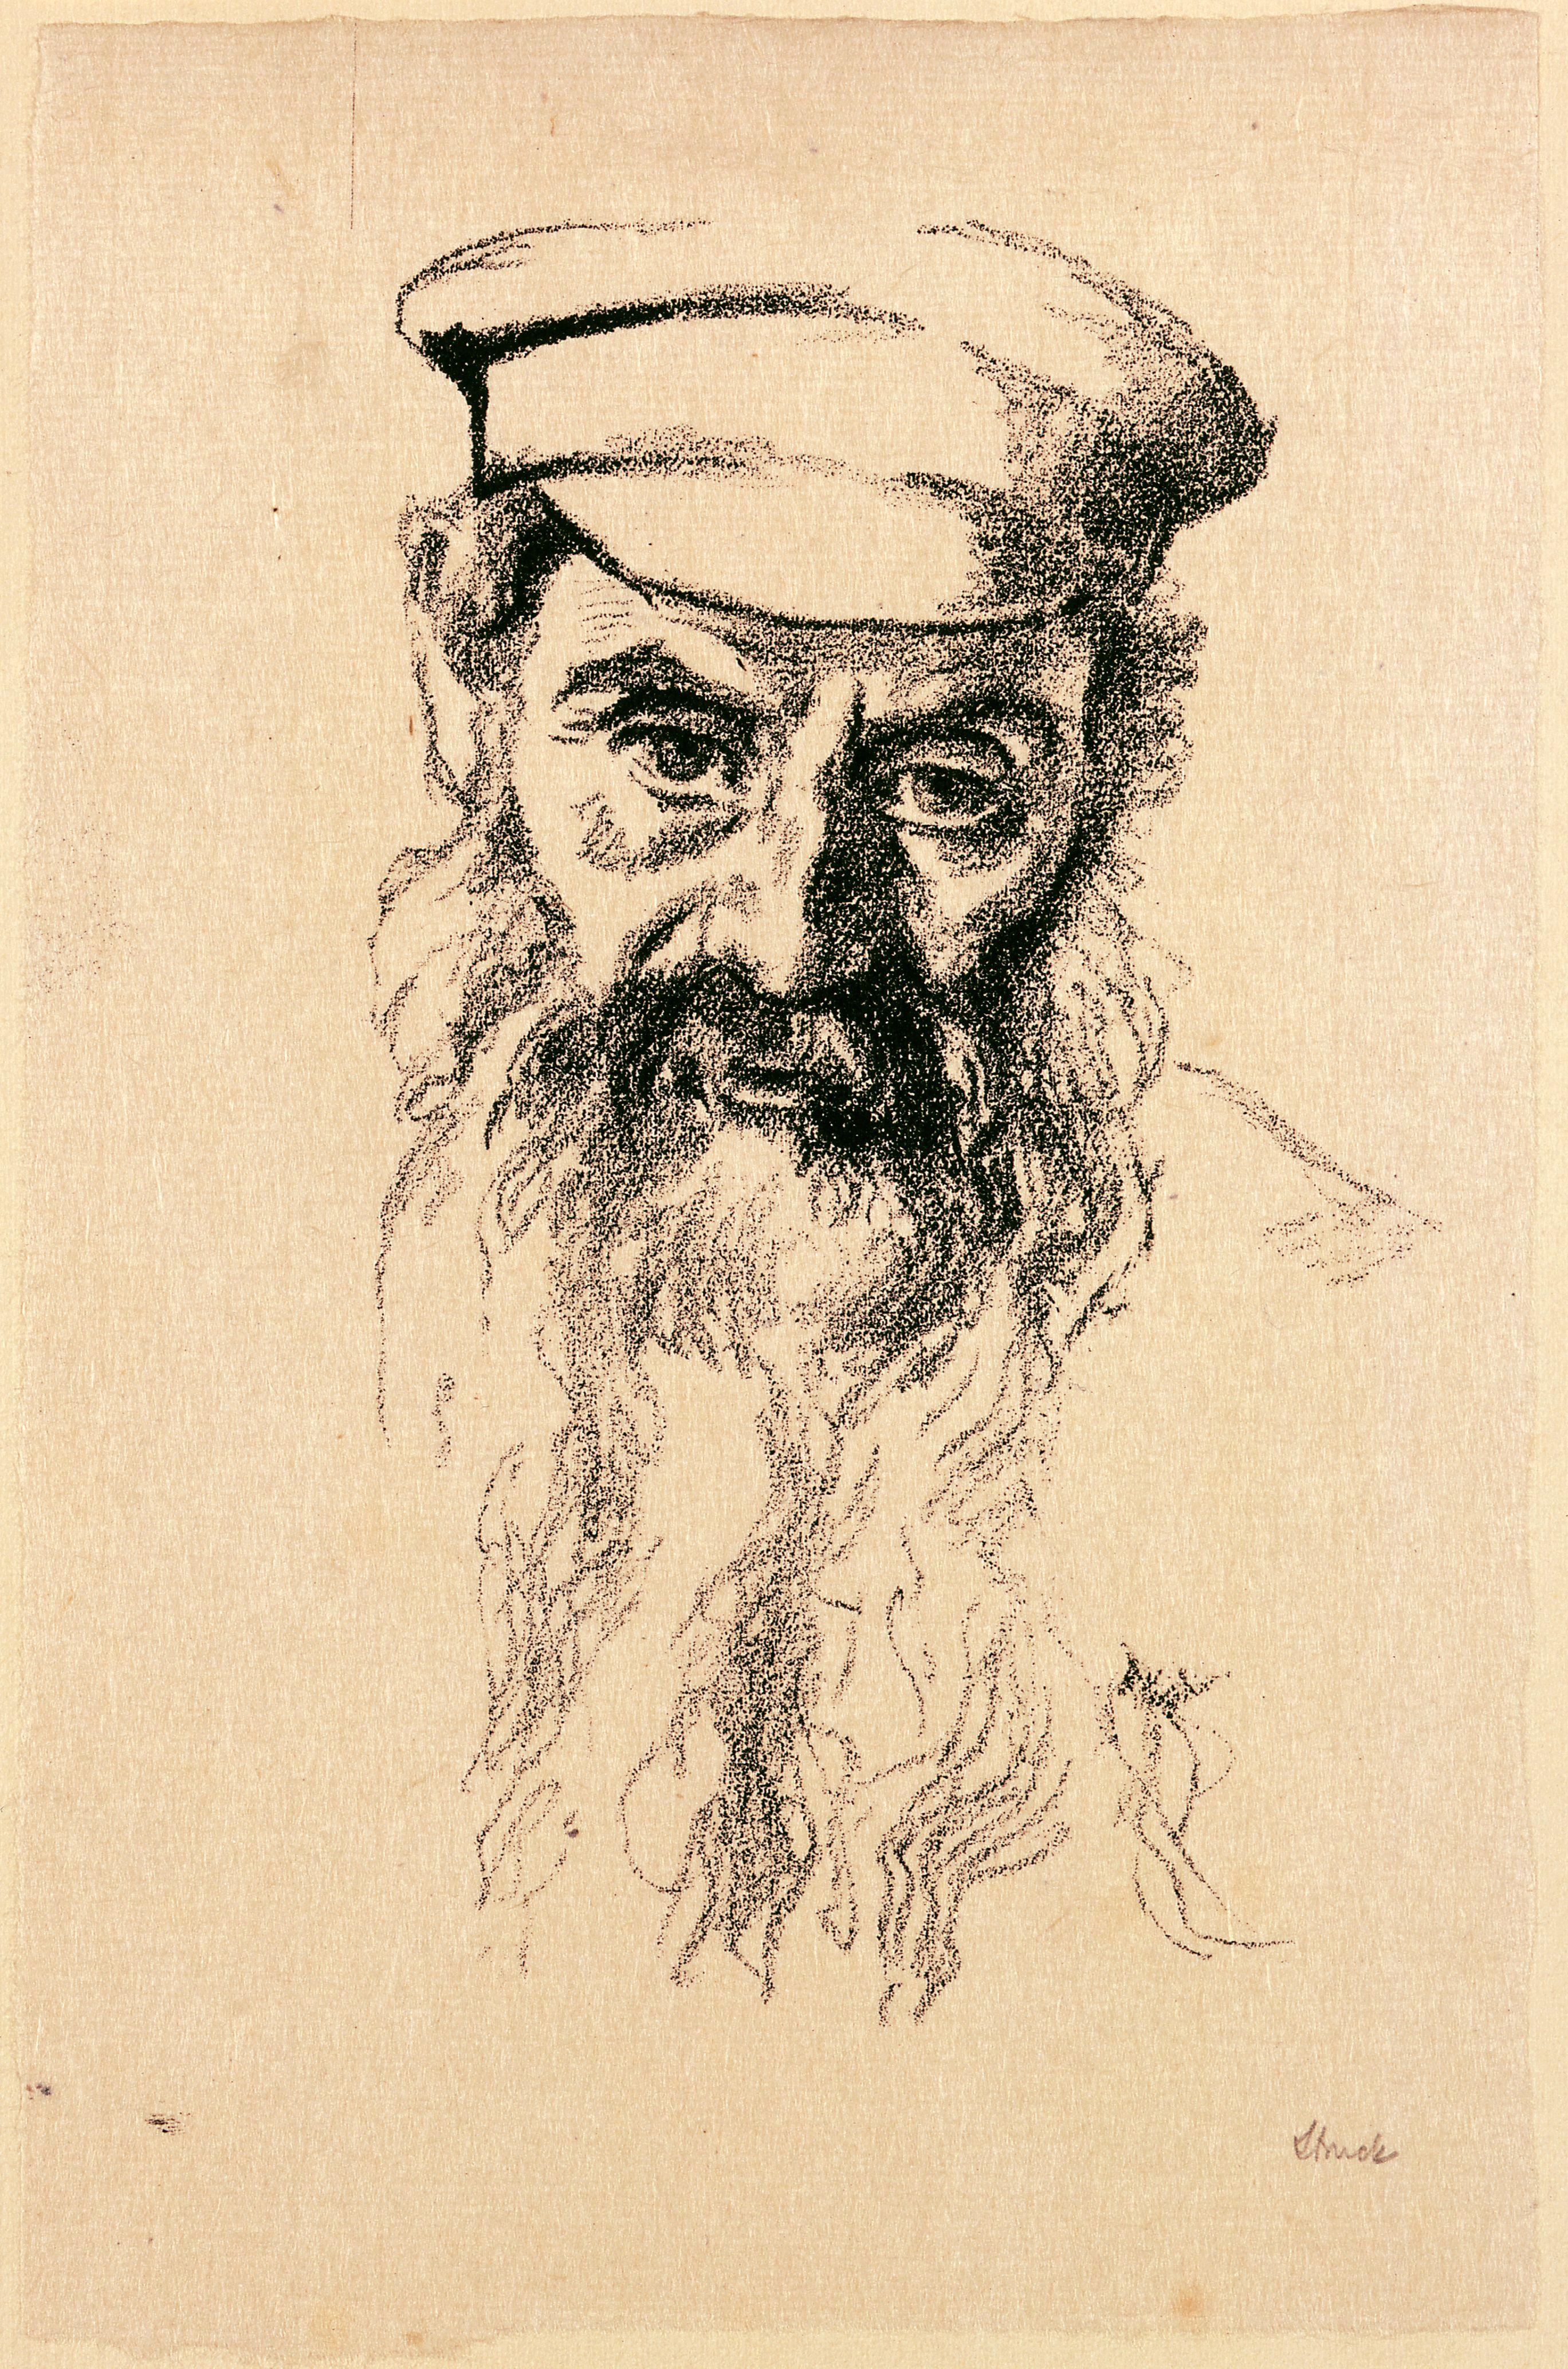 Jerusalem Israel Art Paper Print Judaica Art Judaism Direct From The Artist Art Prints Art